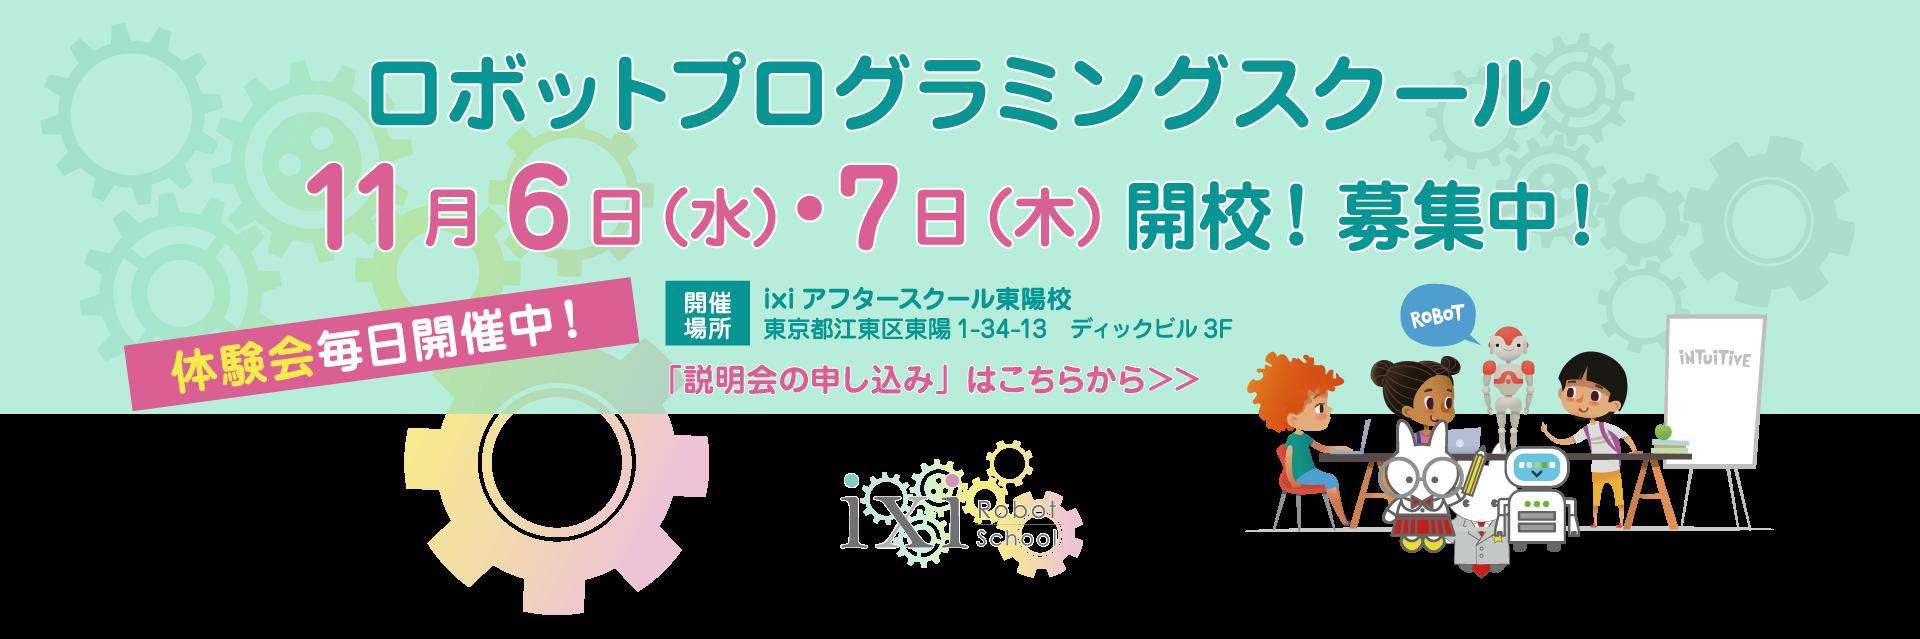 プログラミングスクール 11月6日(水)・7日(木)開口決定!!